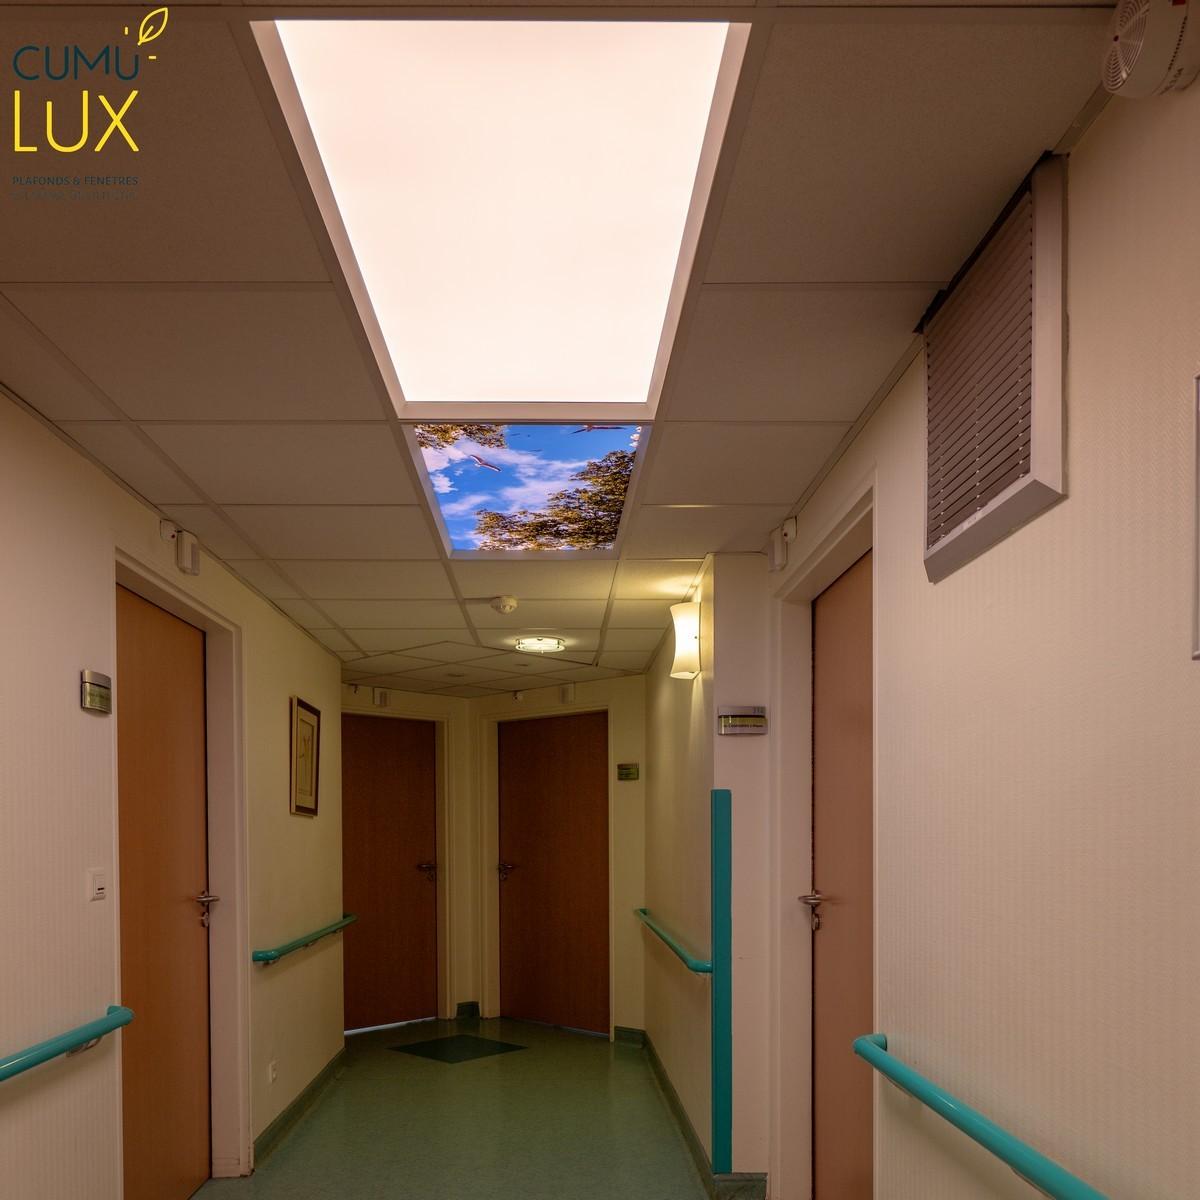 Dalles lumineuses LED classique et biodynamique pour créer une illusion d'ouverture sur le ciel en temps réel.